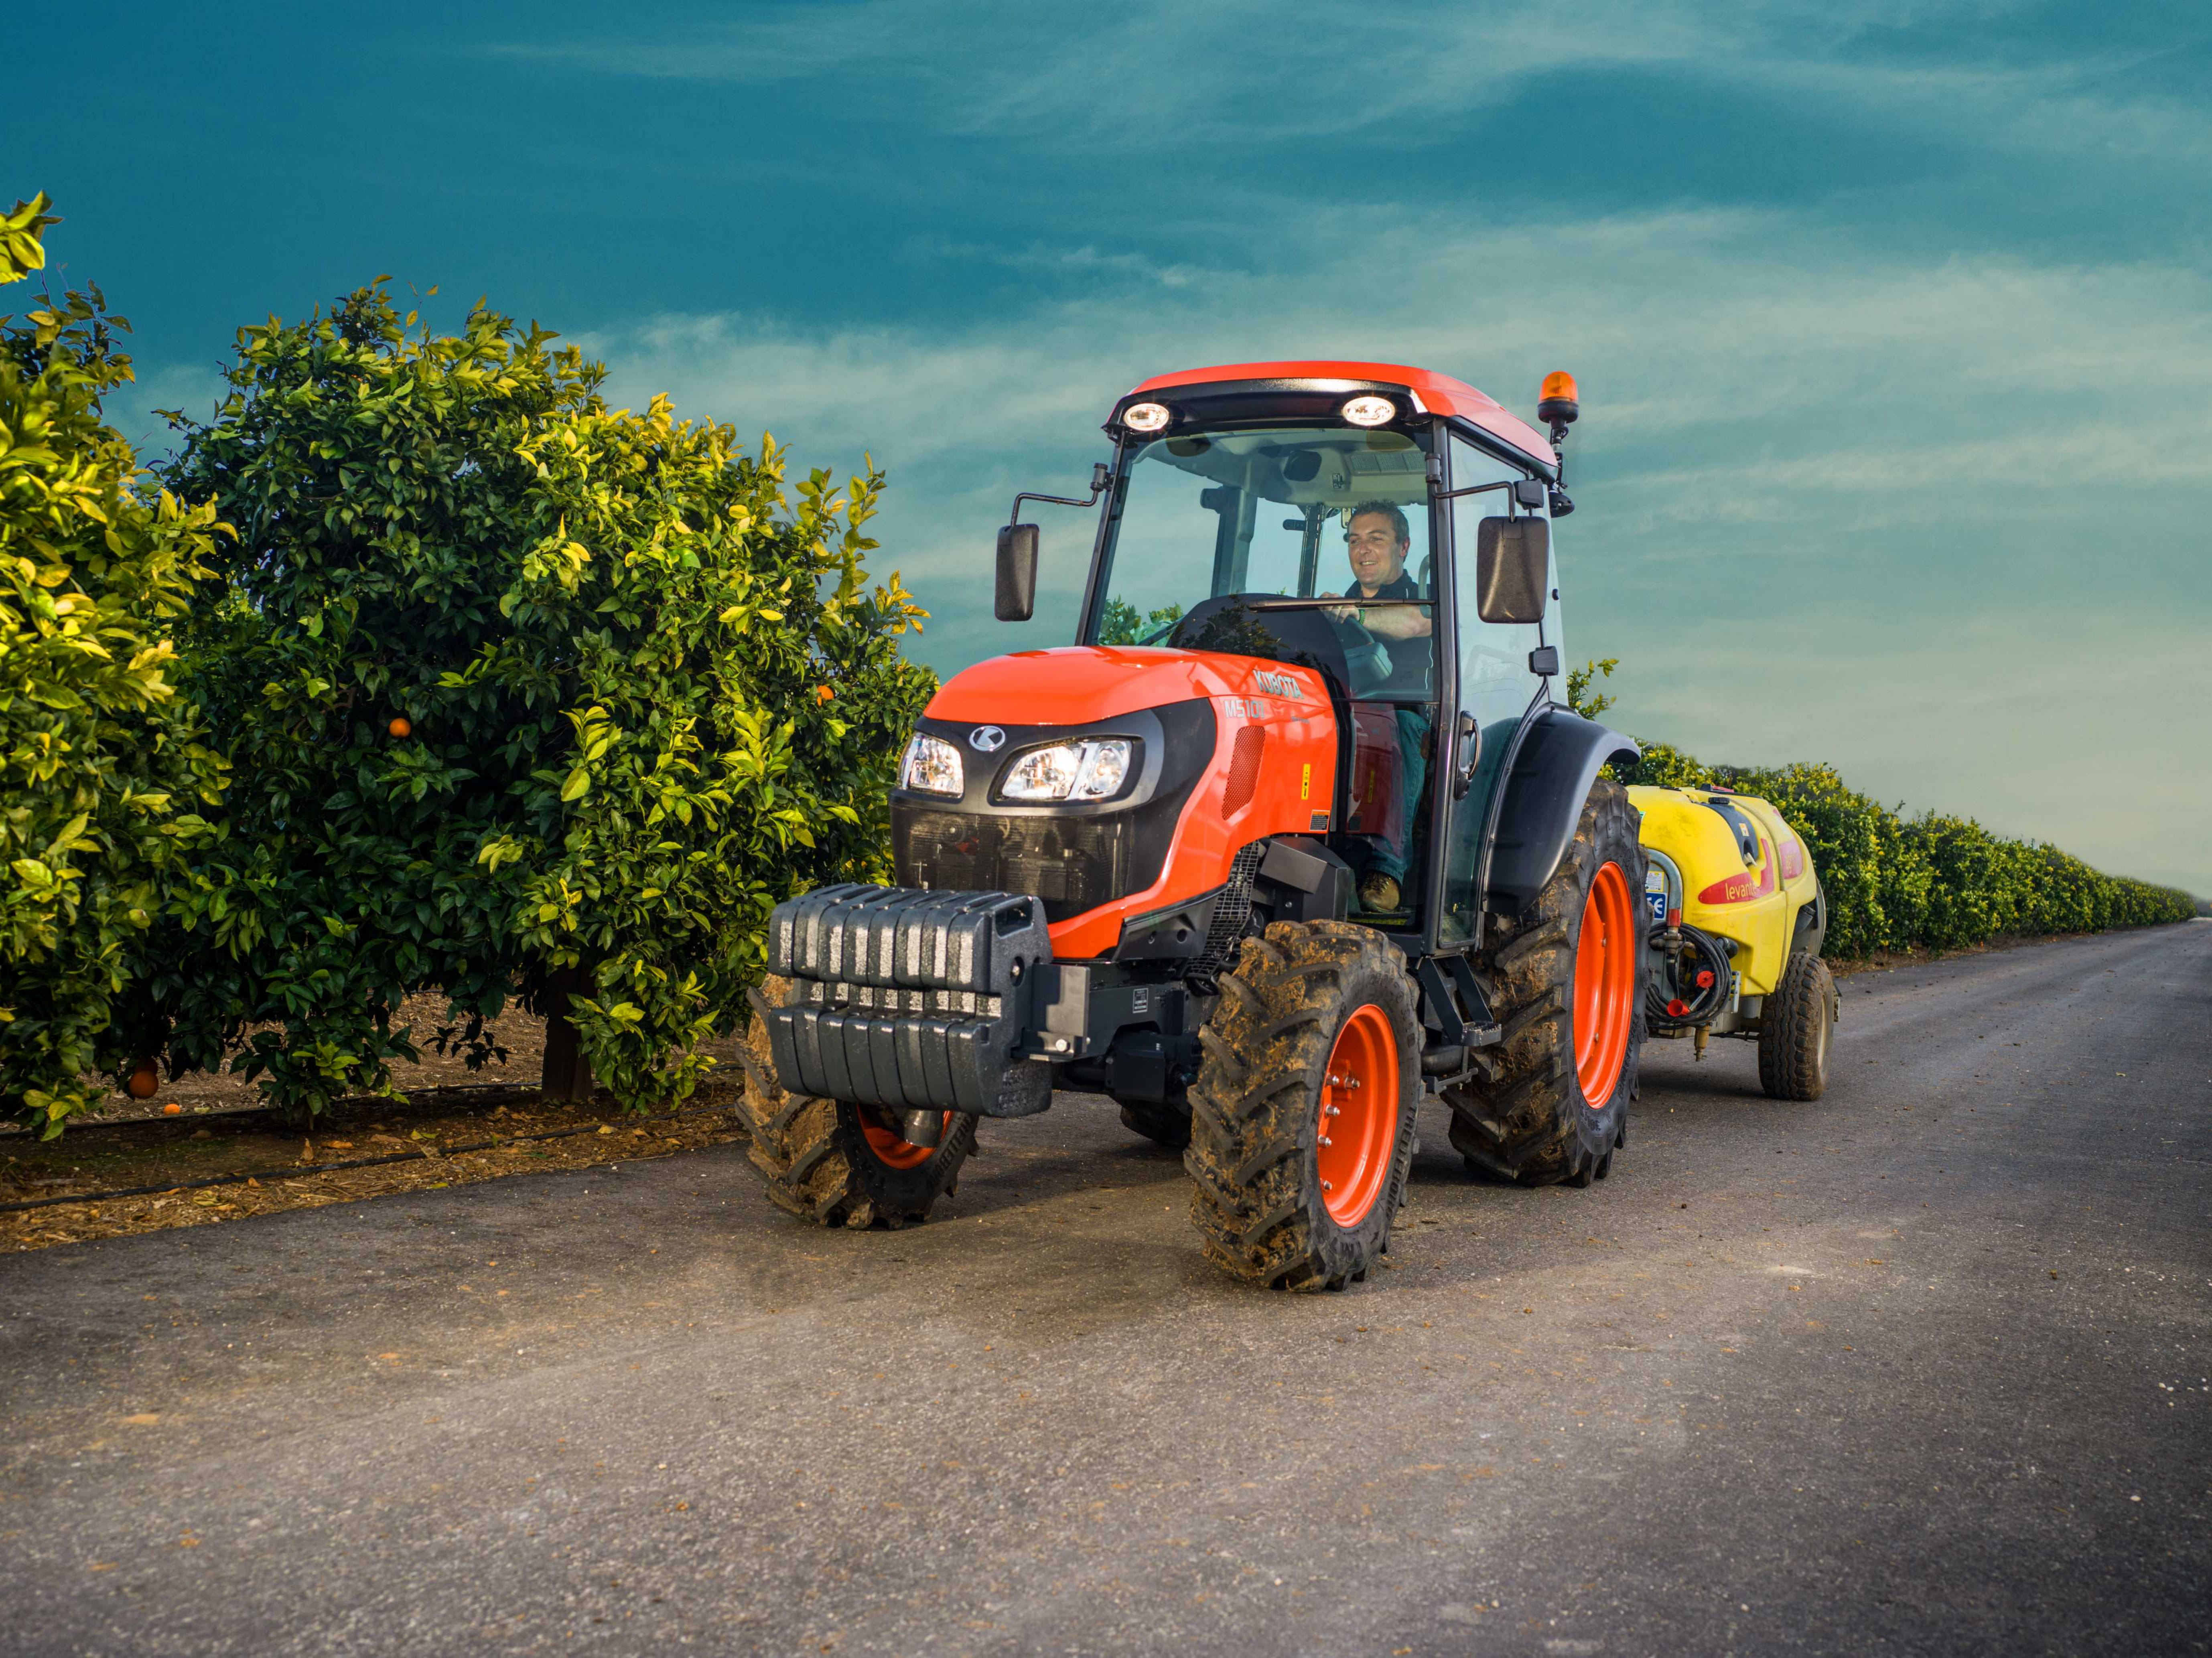 Kubota M5001 Narrow Tractor